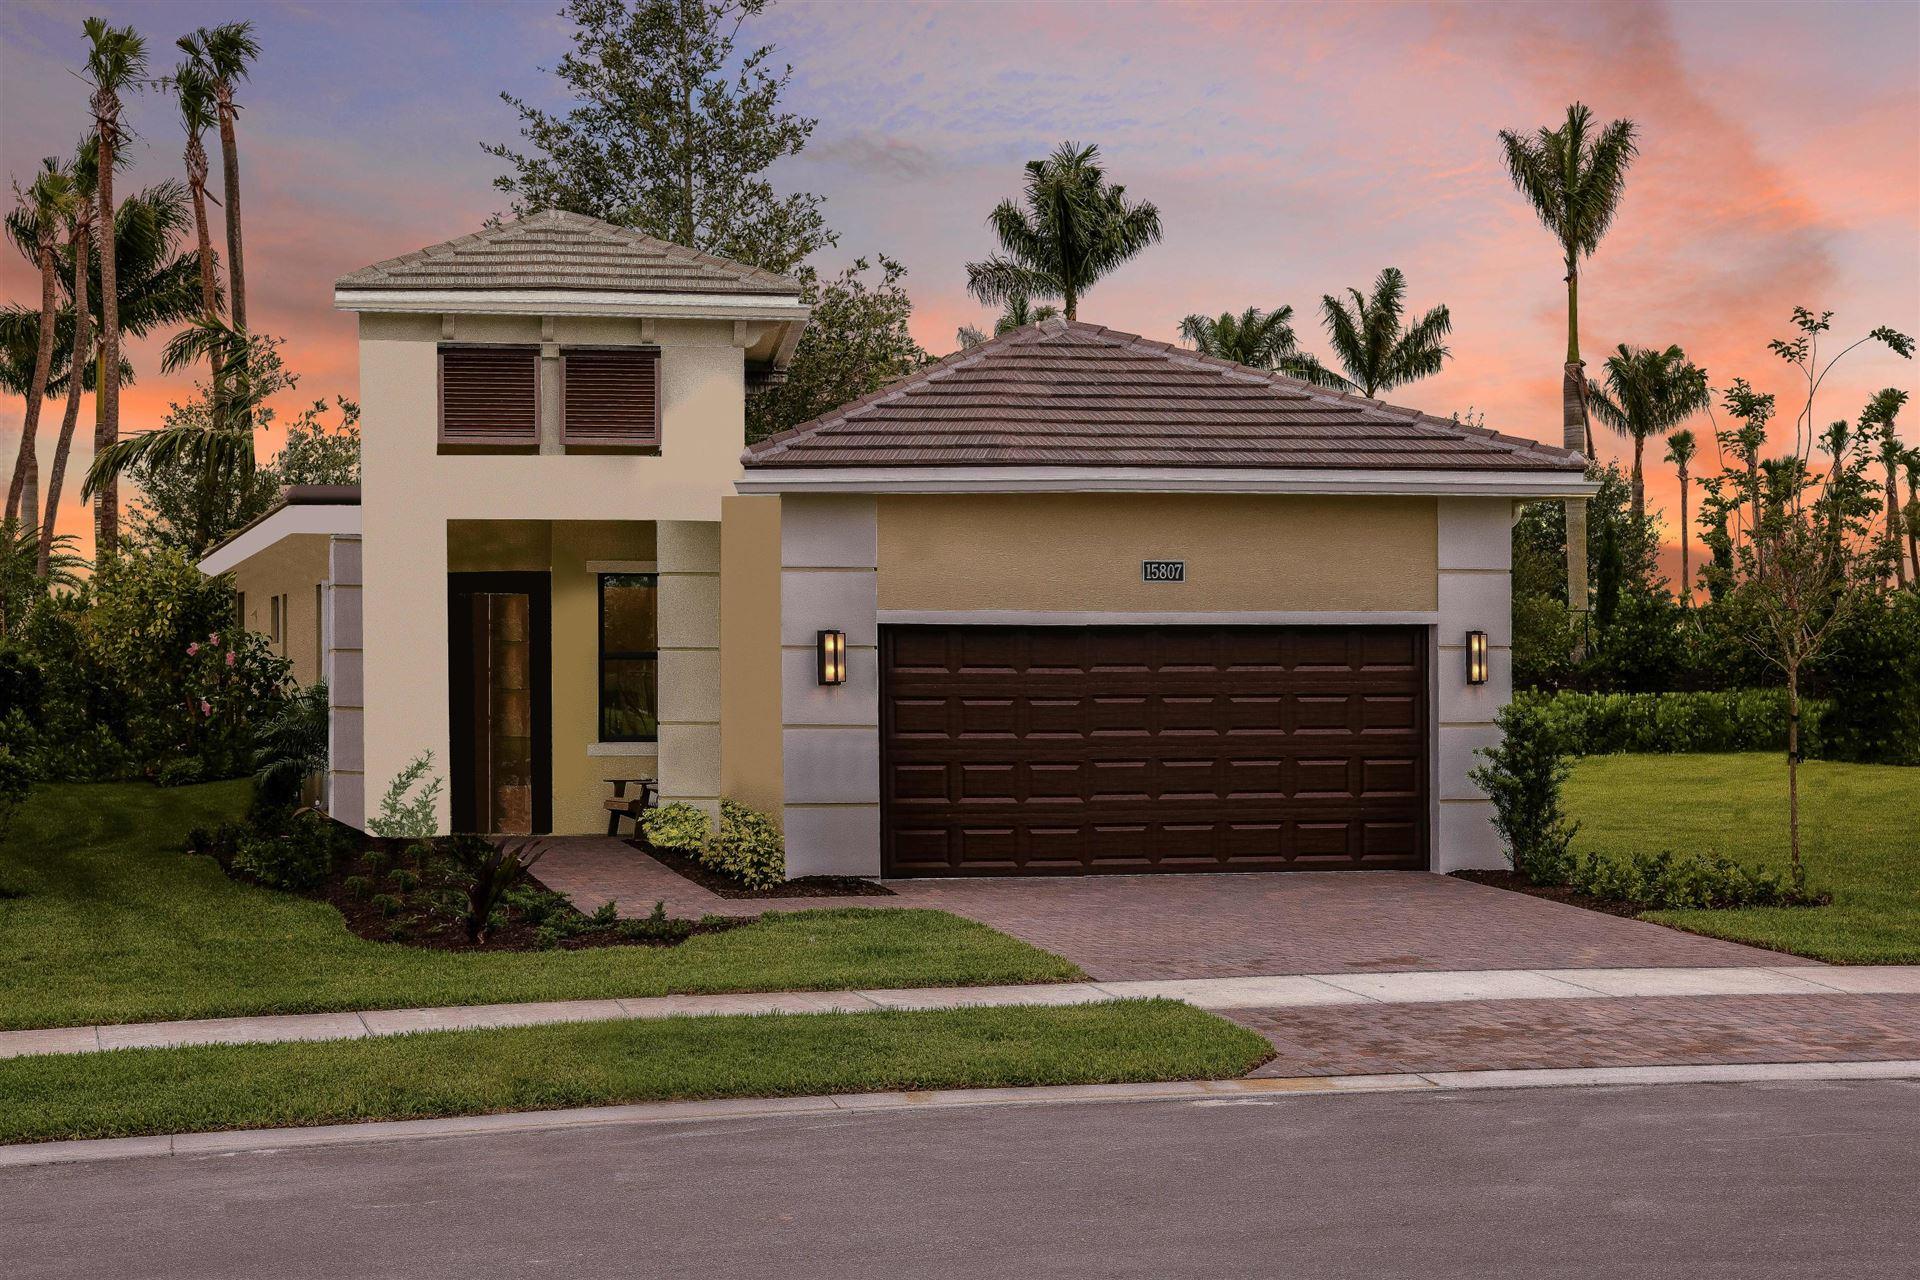 5501 Santa Rosa Lane, Westlake, FL 33470 - #: RX-10724992